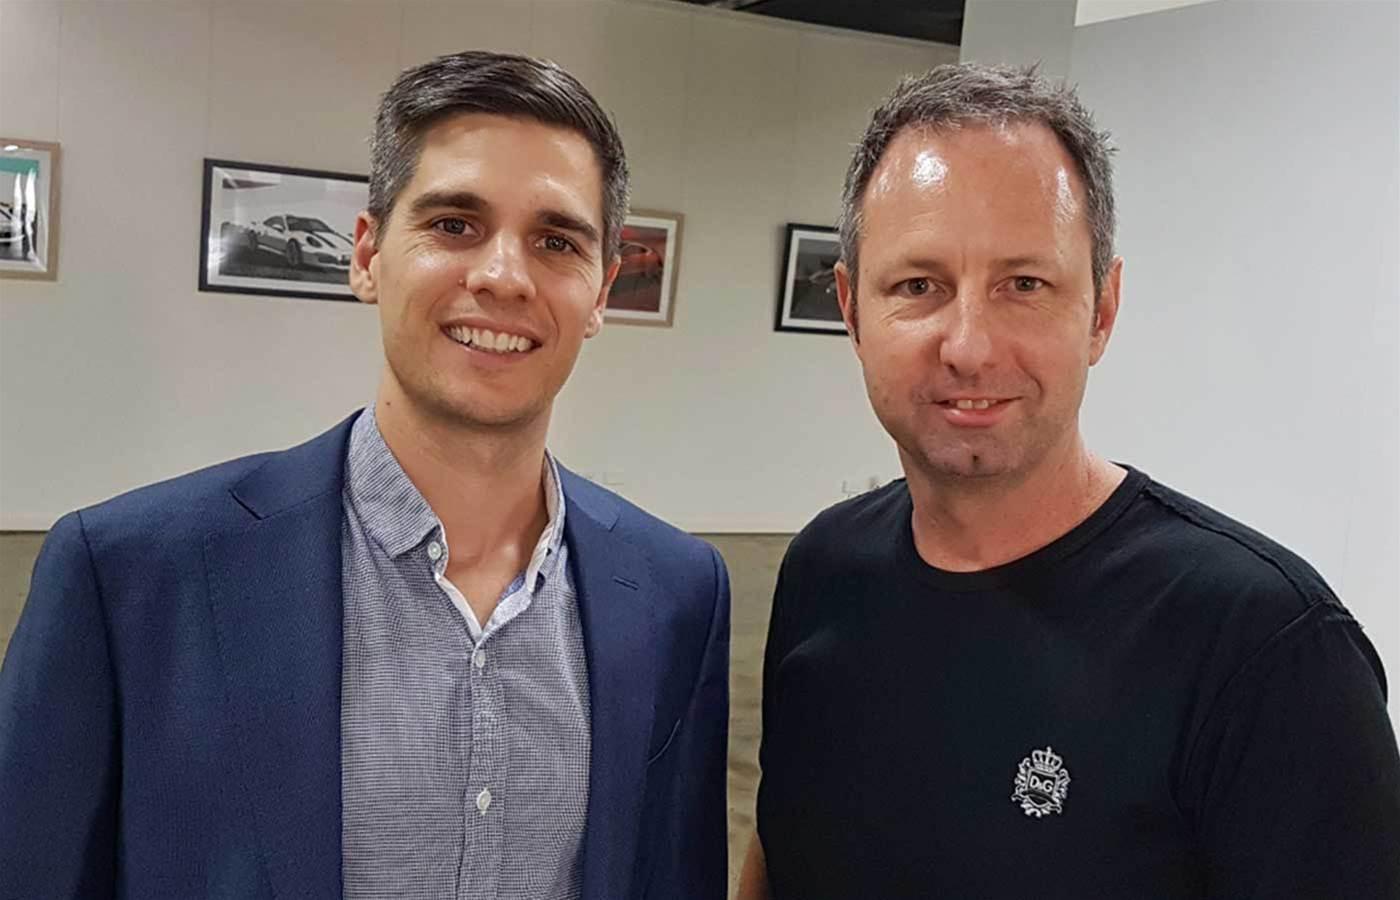 Aussie email security vendor reveals new blockchain venture